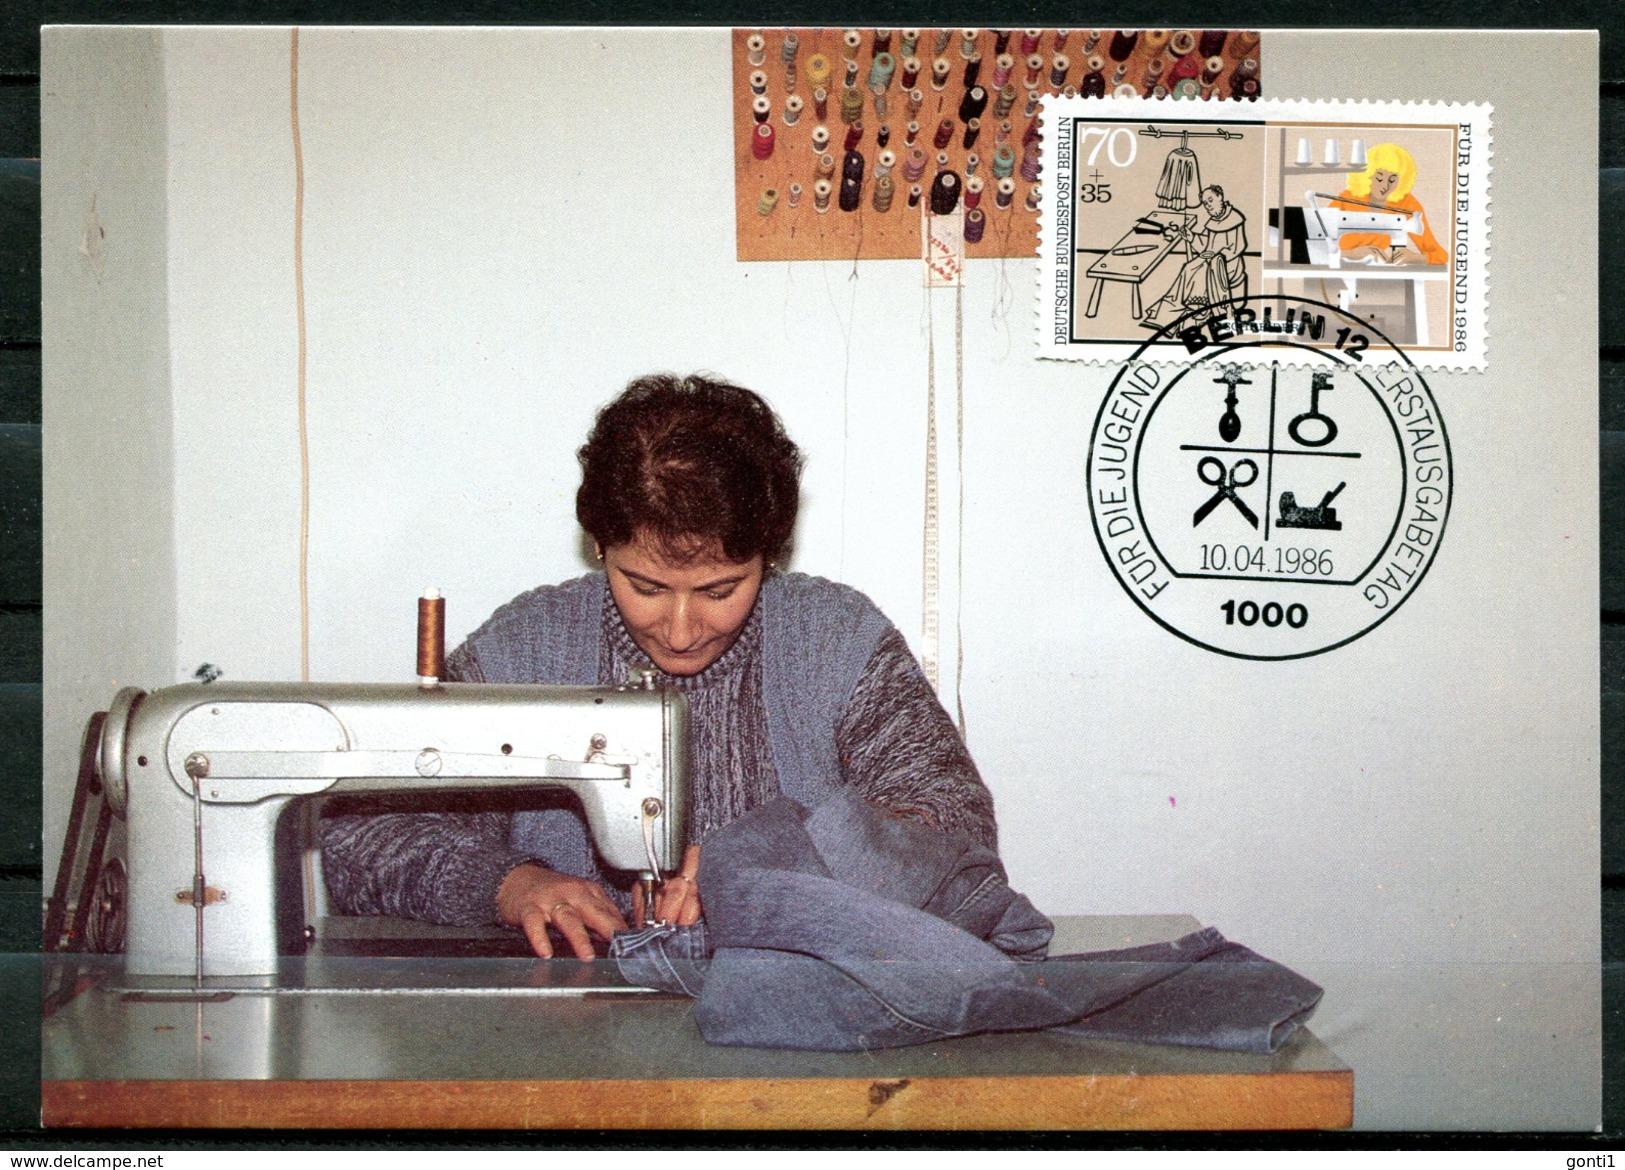 """Germany,Westberlin 1986 Maxicart,MC Mi.Nr.756""""Handwerksberufe,Schneider,Näherin,Jugendmarke"""" 1MK Used - Fabbriche E Imprese"""